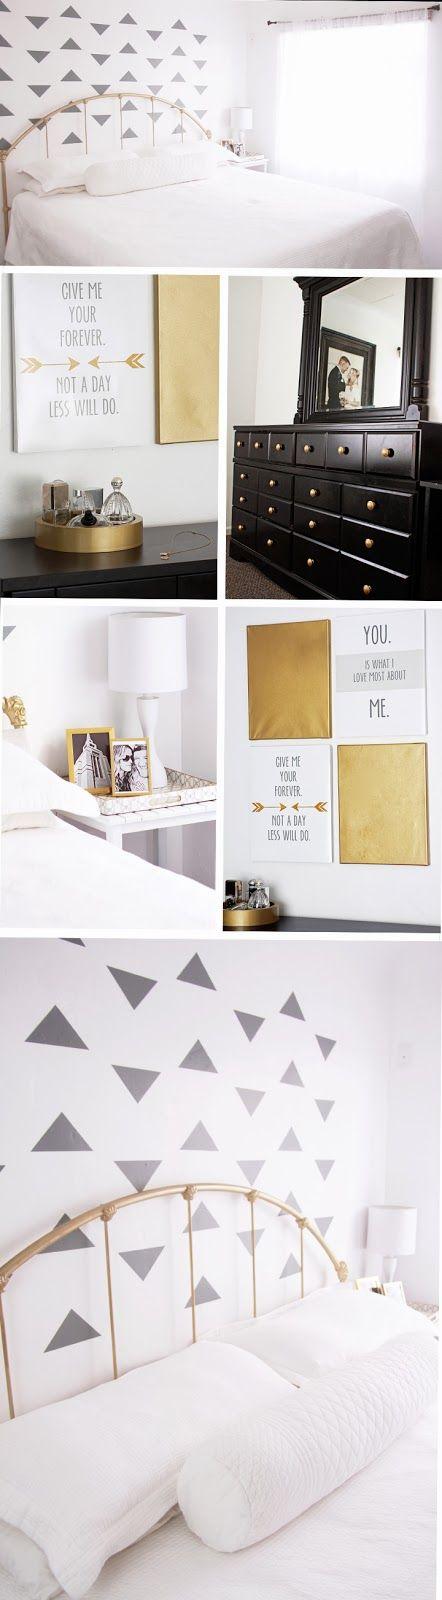 Best of f10da a4ae d622be4b In 2019 - Fresh black white gold bedroom Model